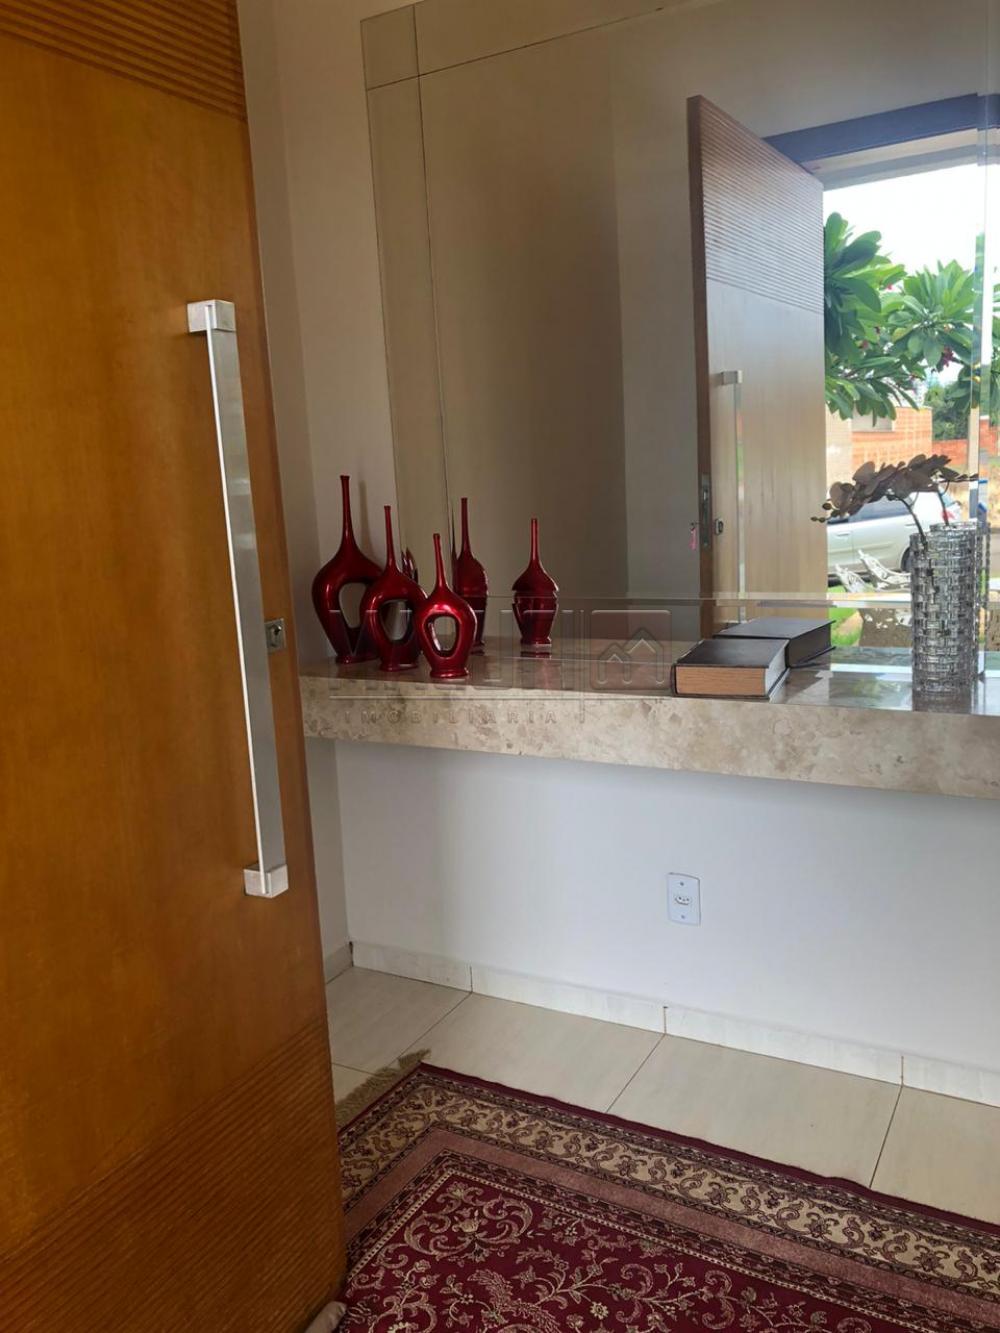 Alugar Casas / Condomínio em Olímpia apenas R$ 3.300,00 - Foto 3